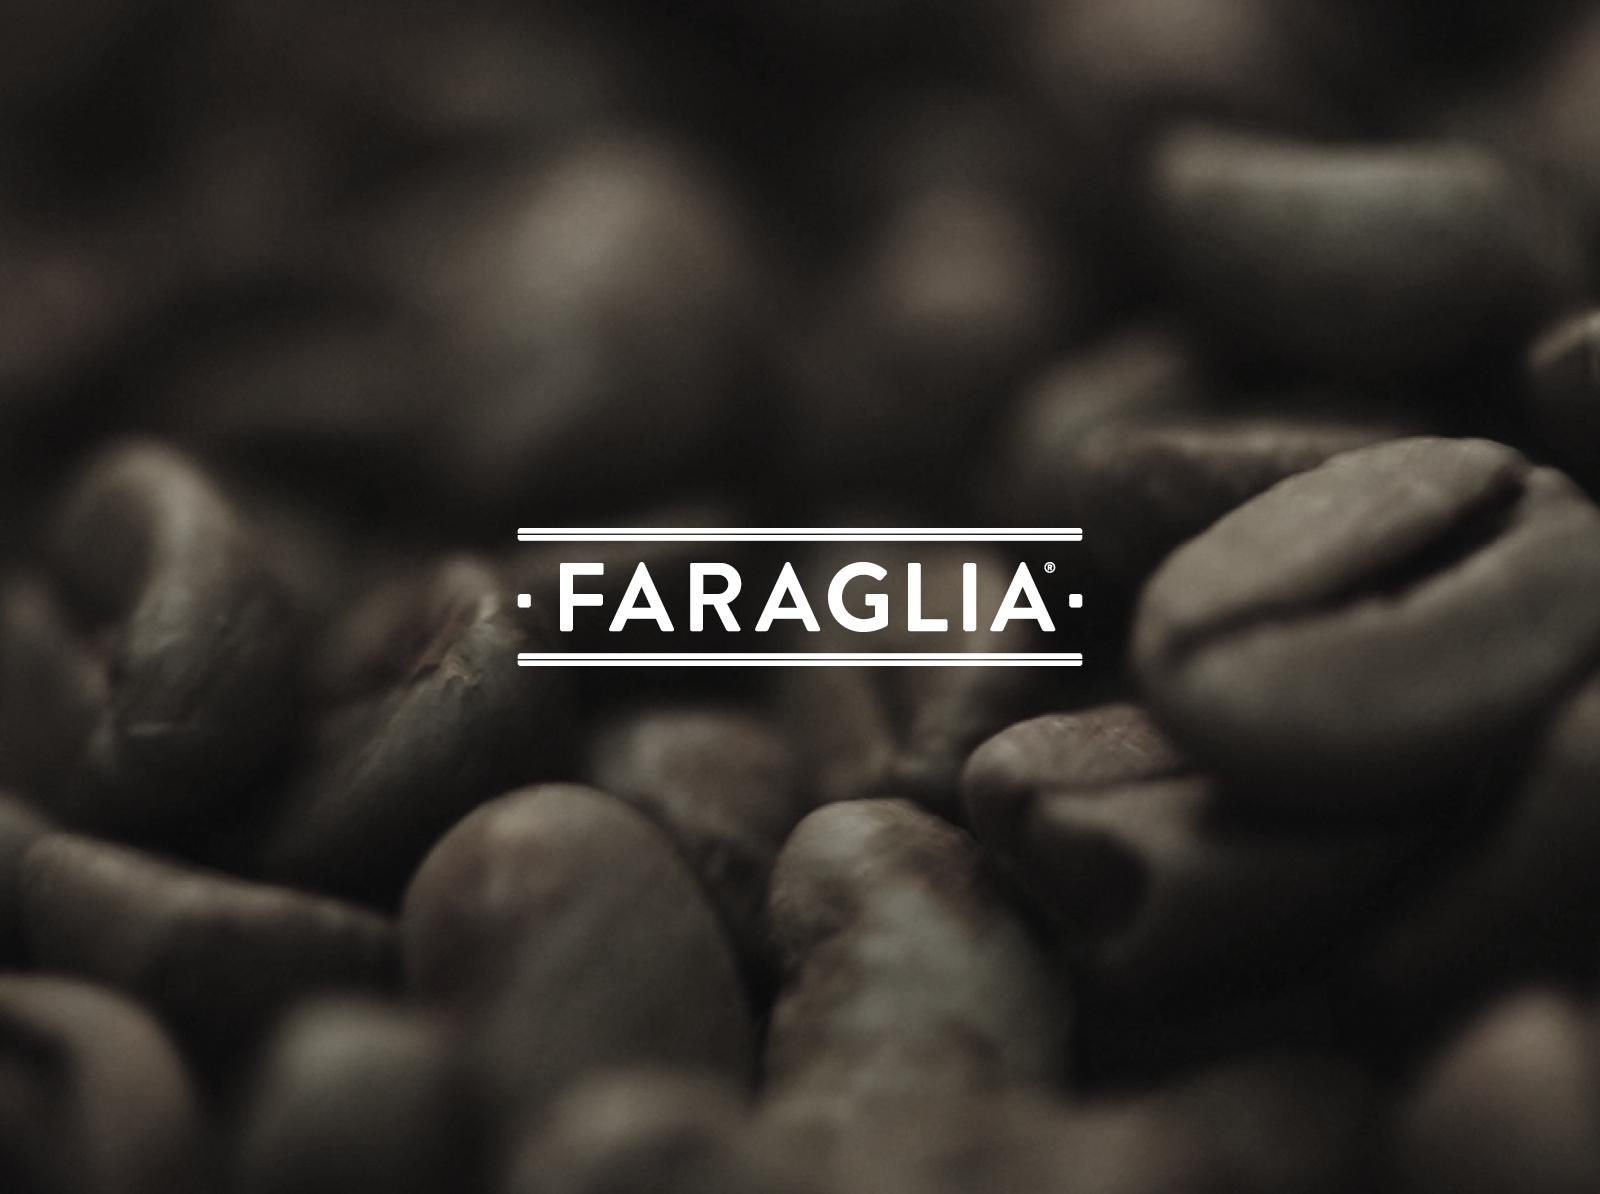 Faraglia